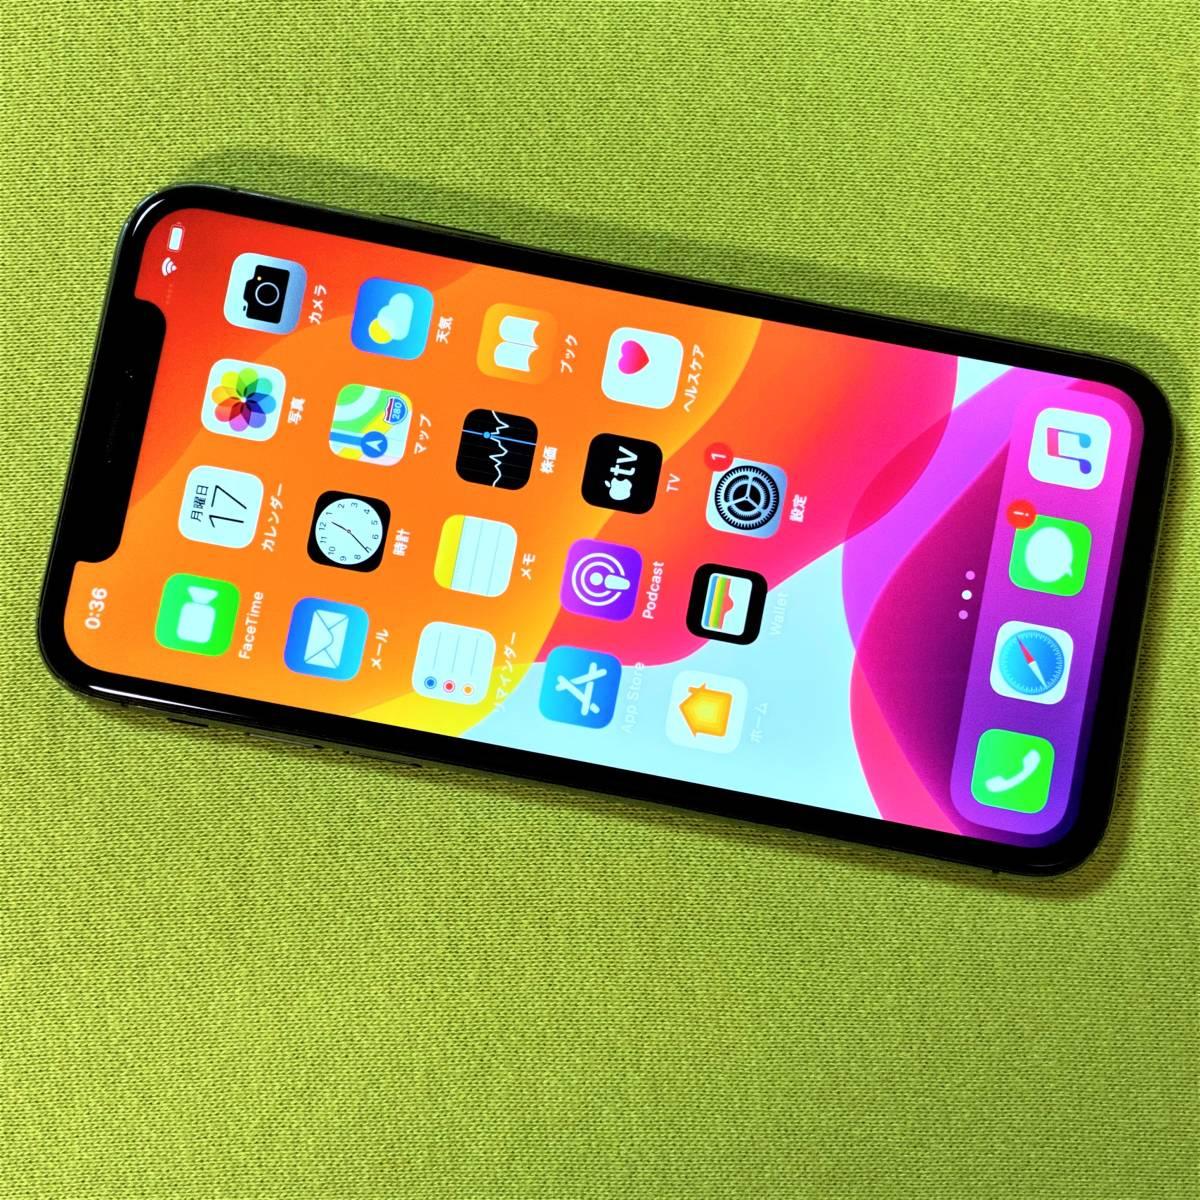 SIMフリー iPhone X スペースグレイ 256GB MQC12J/A iOS13.3.1 docomo 格安SIM MVNO 海外利用可能 アクティベーションロック解除済